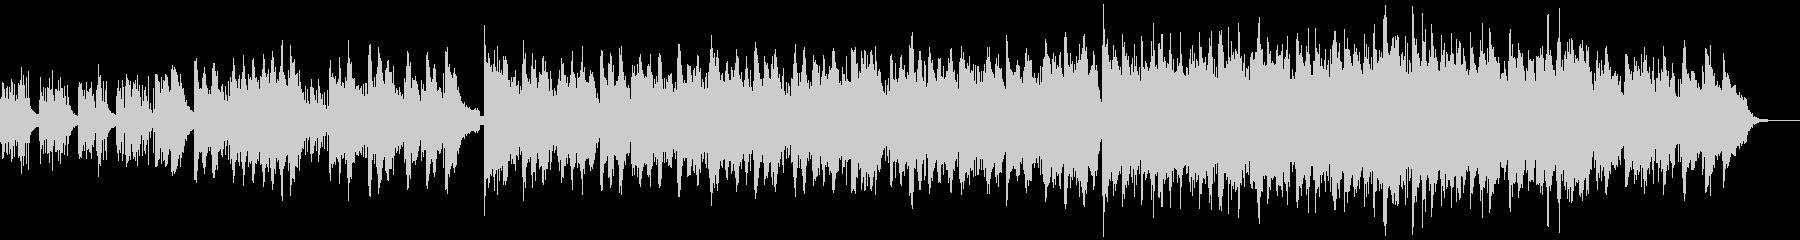 KANT切ない系VD用音楽の未再生の波形